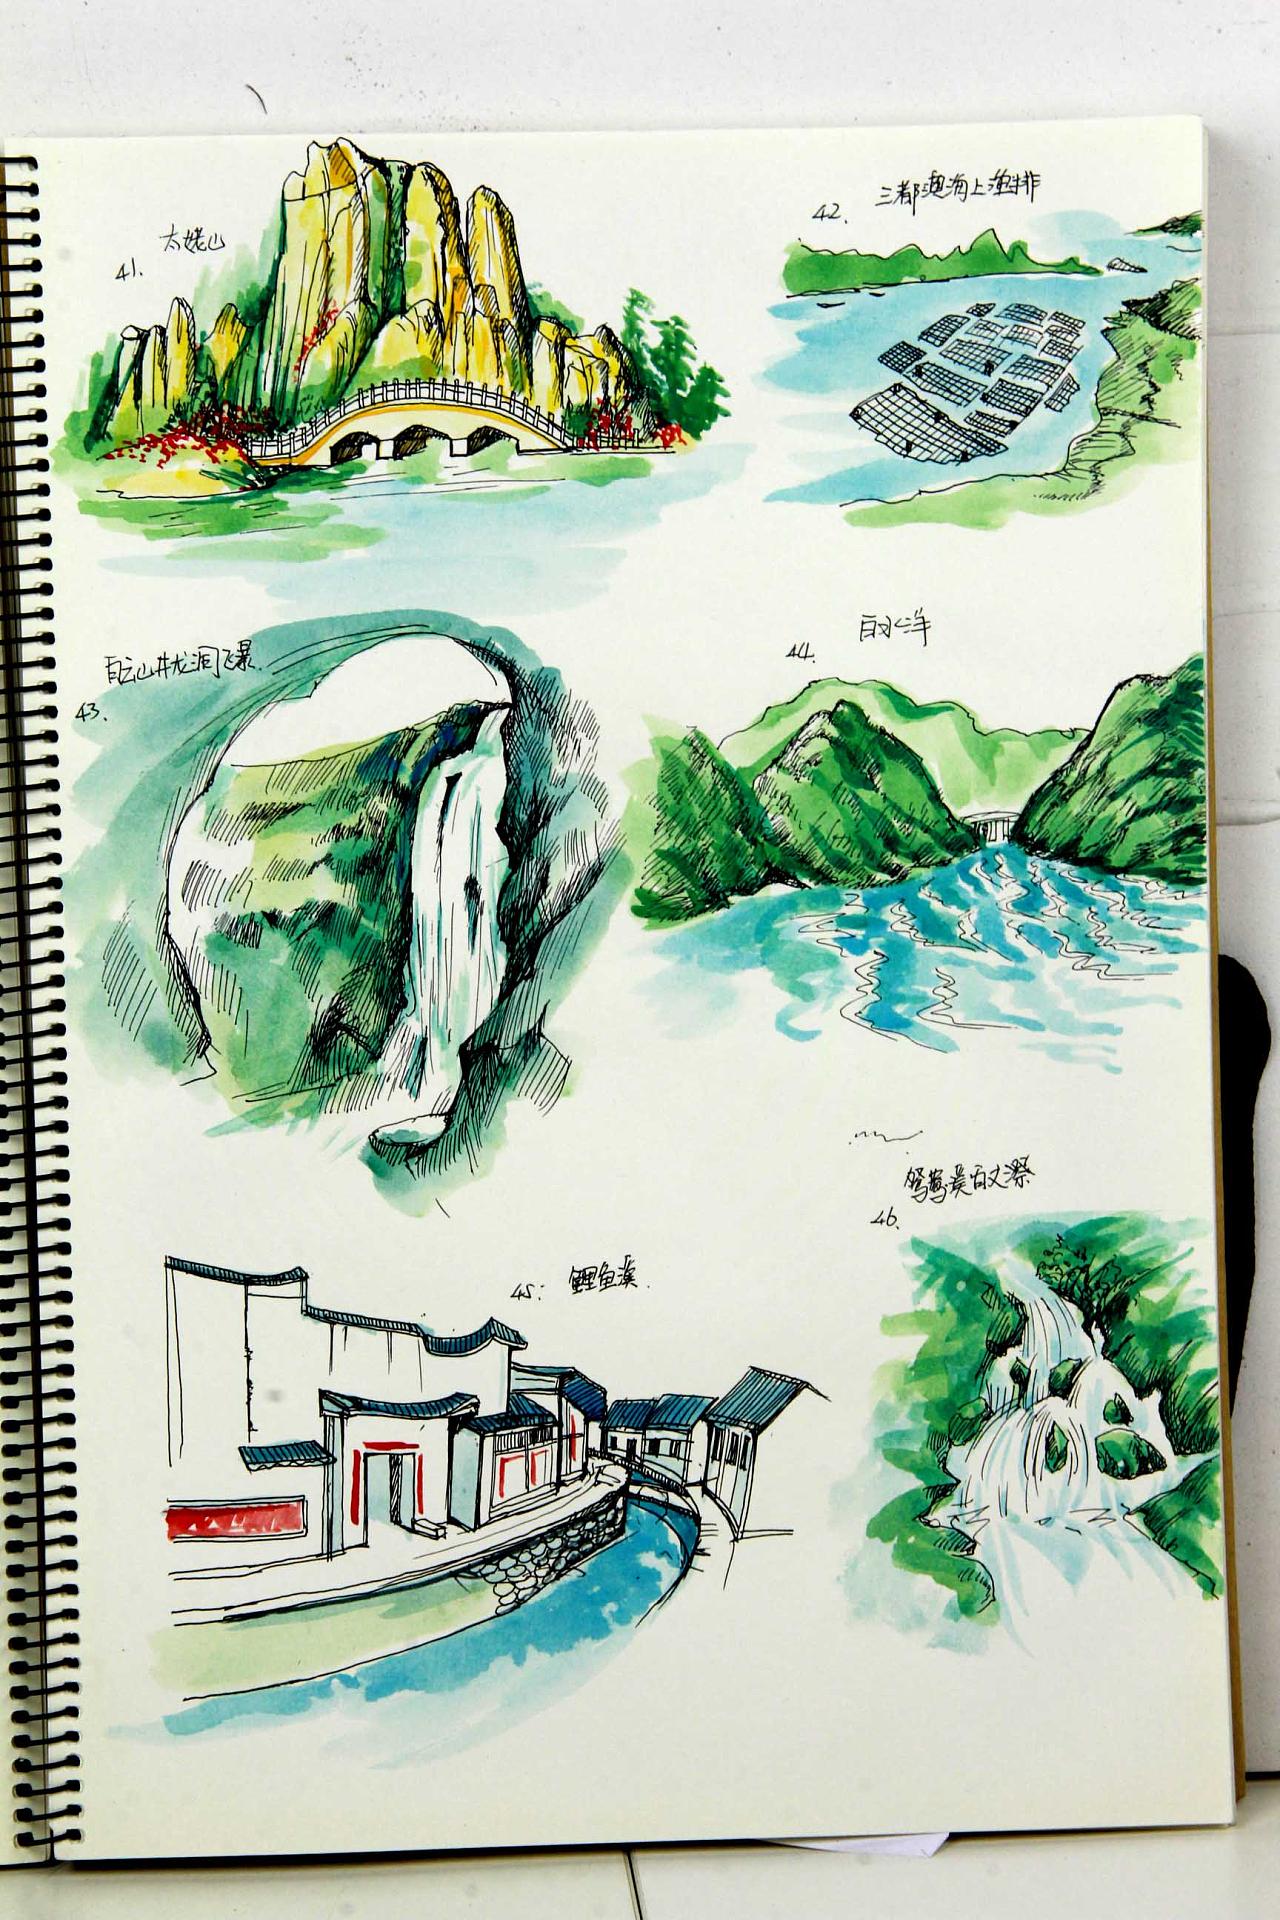 福建省内高铁旅游手绘地图创作绘制|纯艺术|水彩|jack